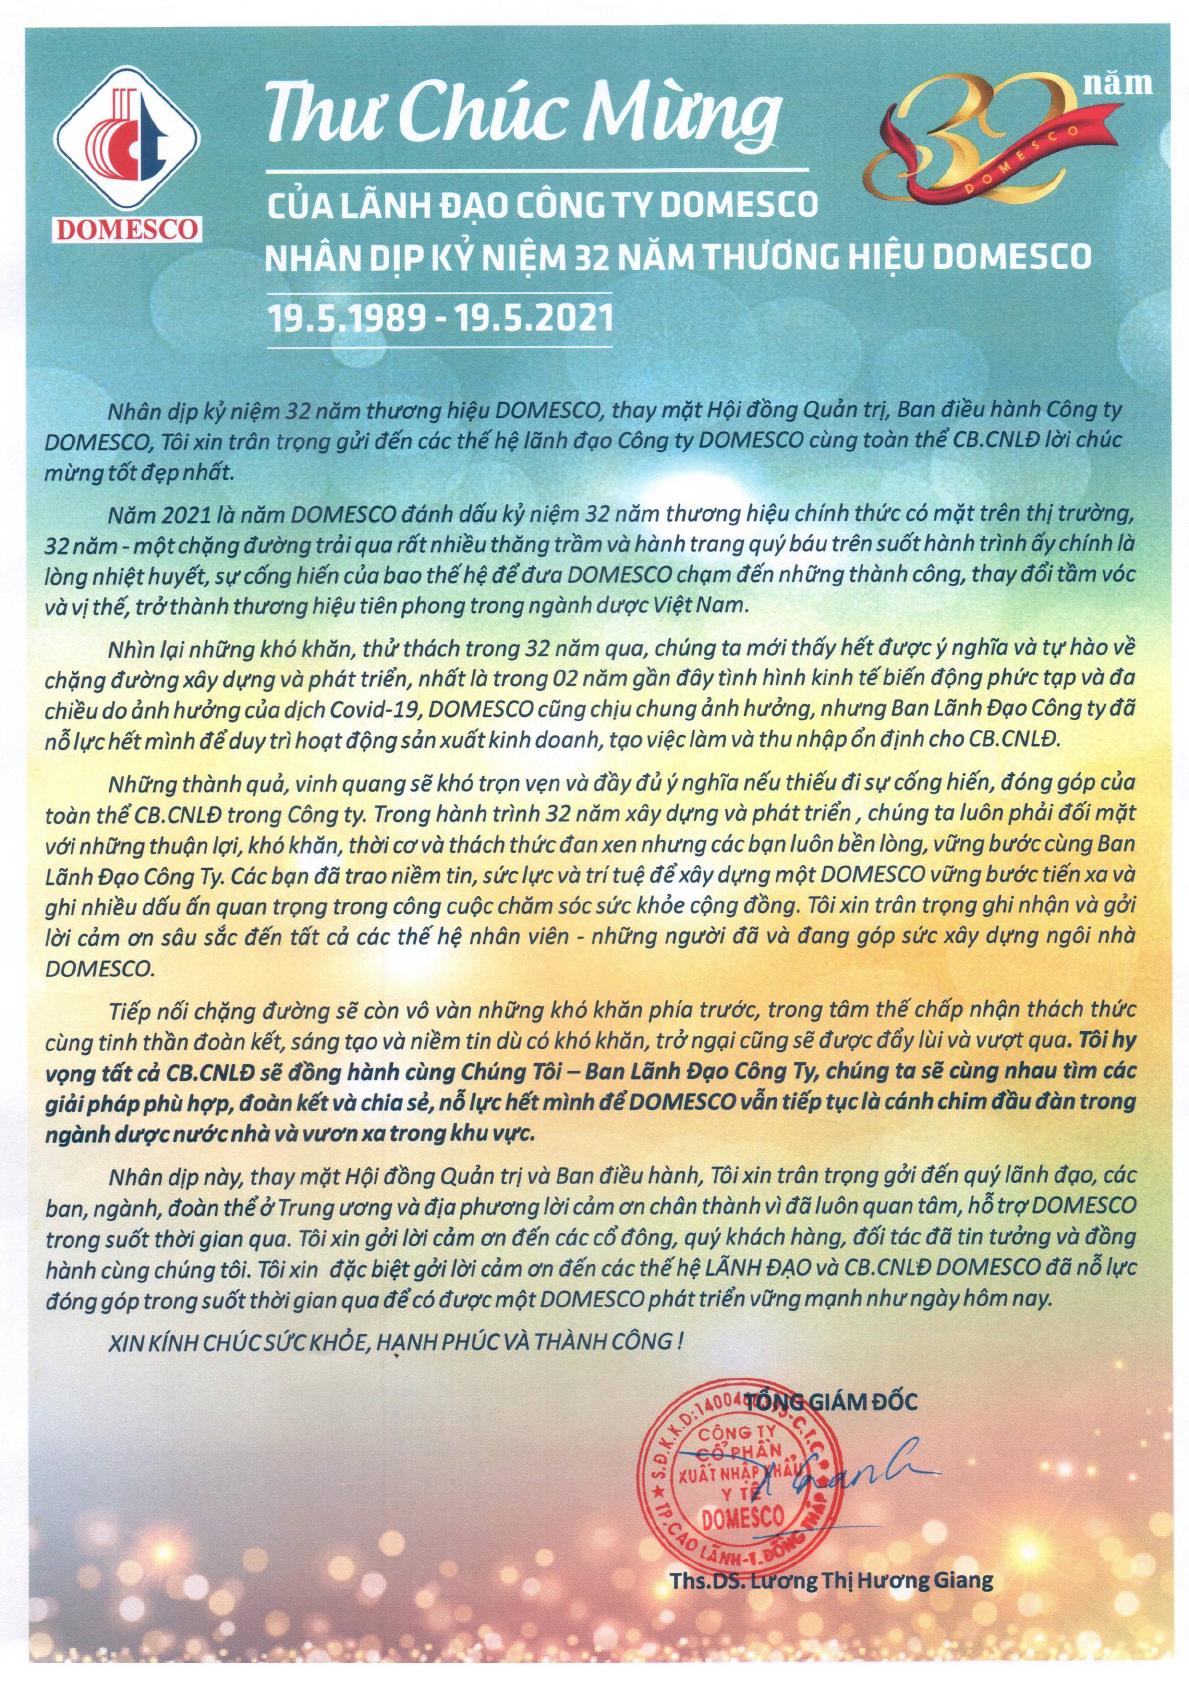 THƯ CHÚC MỪNG CỦA LẢNH ĐẠO CÔNG TY NHÂN DỊP 32 NĂM THƯƠNG HIỆU DOMESCO 19/05/1989 - 19/05/2021